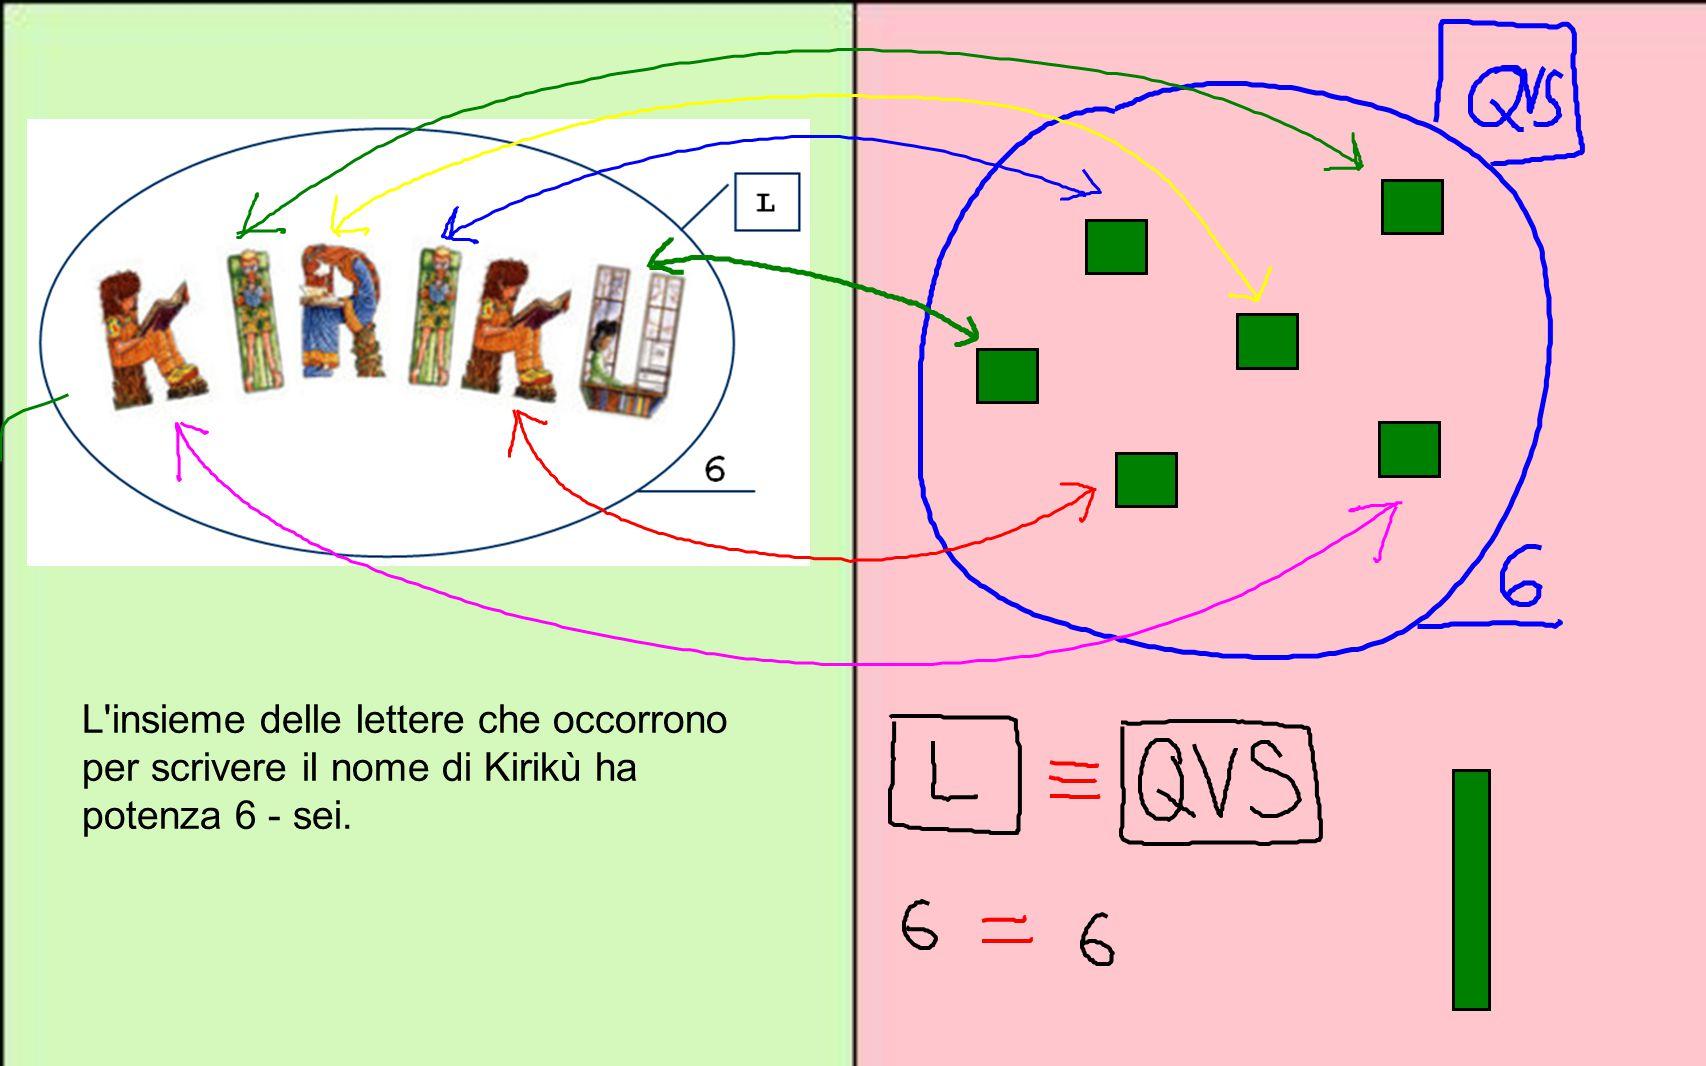 L insieme delle lettere che occorrono per scrivere il nome di Kirikù ha potenza 6 - sei.